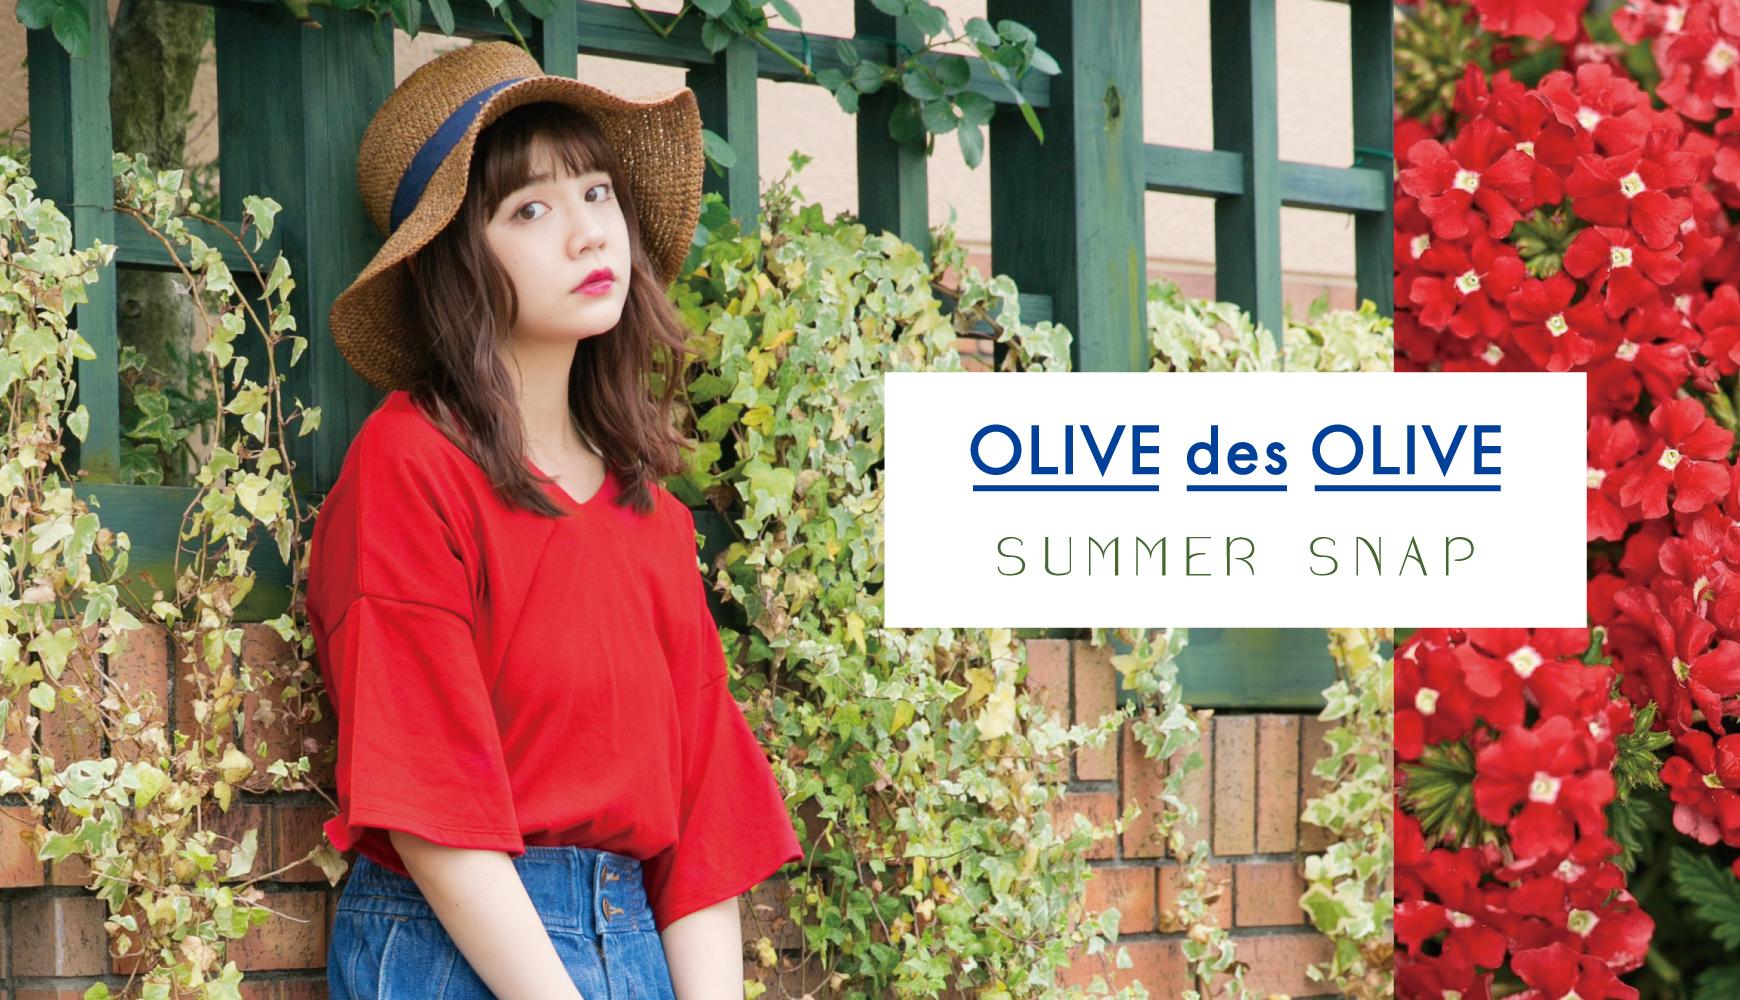 OLIVE des OLIVE Summer SNAP